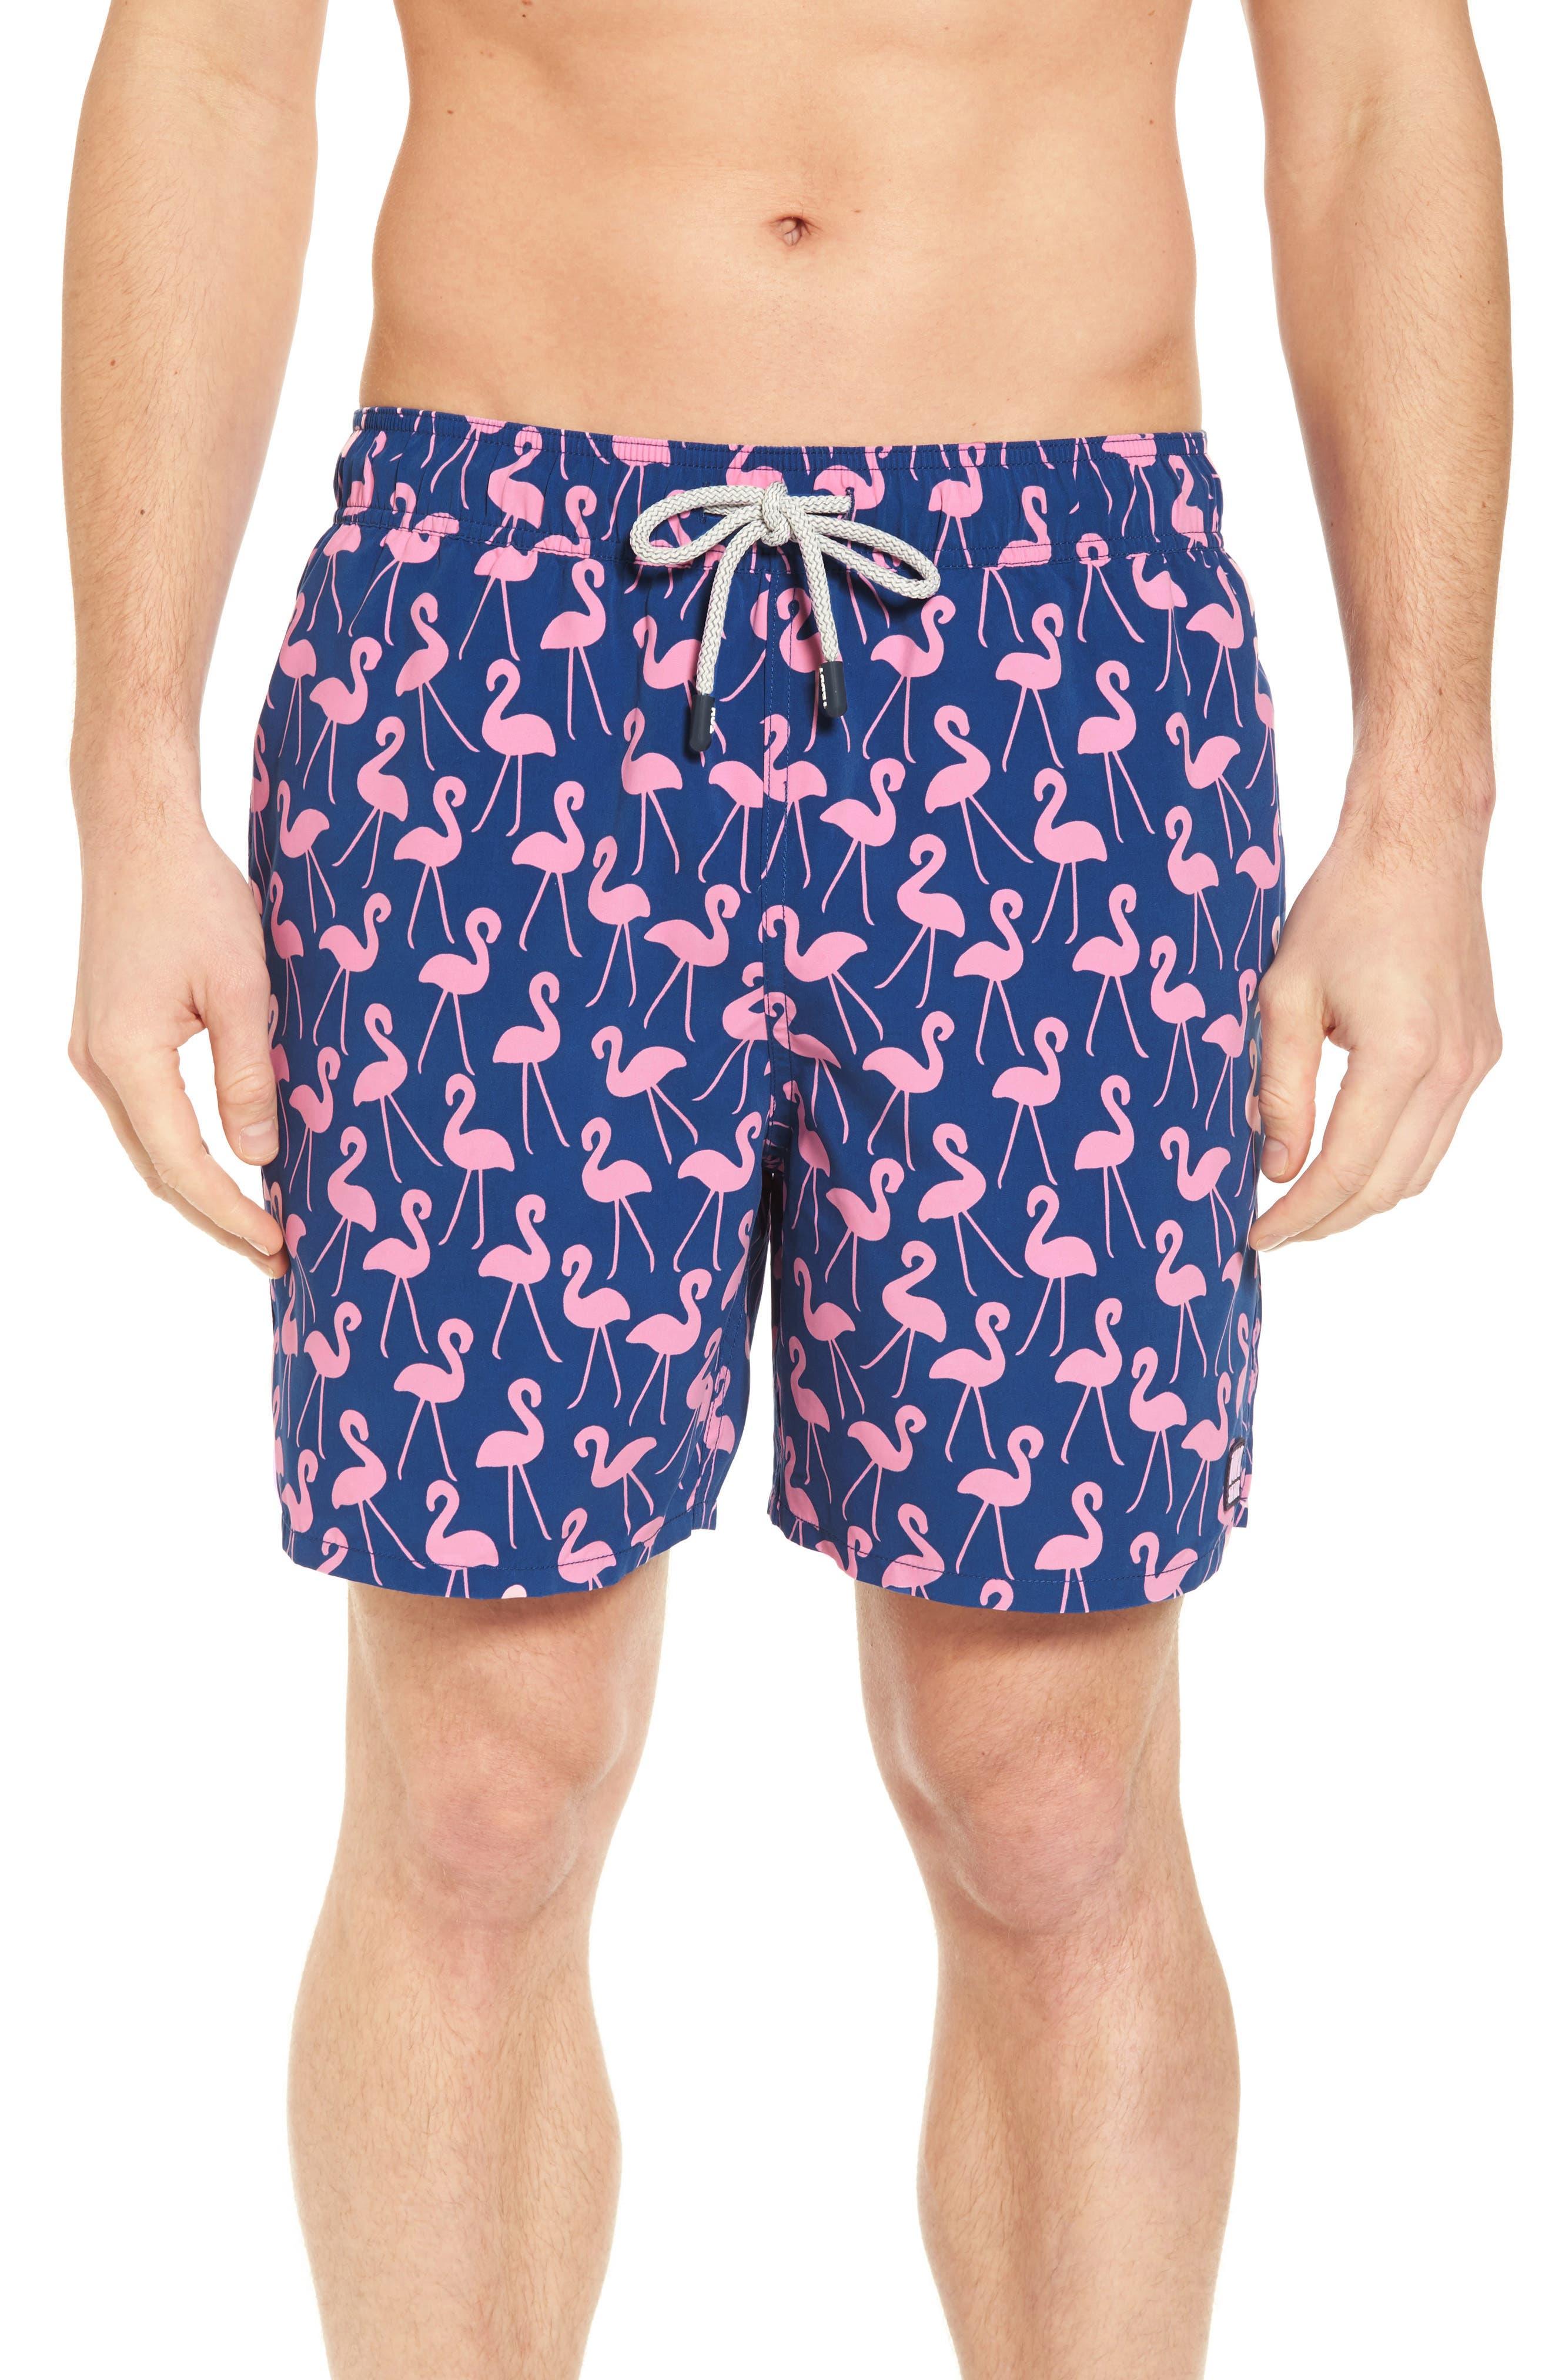 Flamingo Print Swim Trunks,                         Main,                         color, Rose / Blue